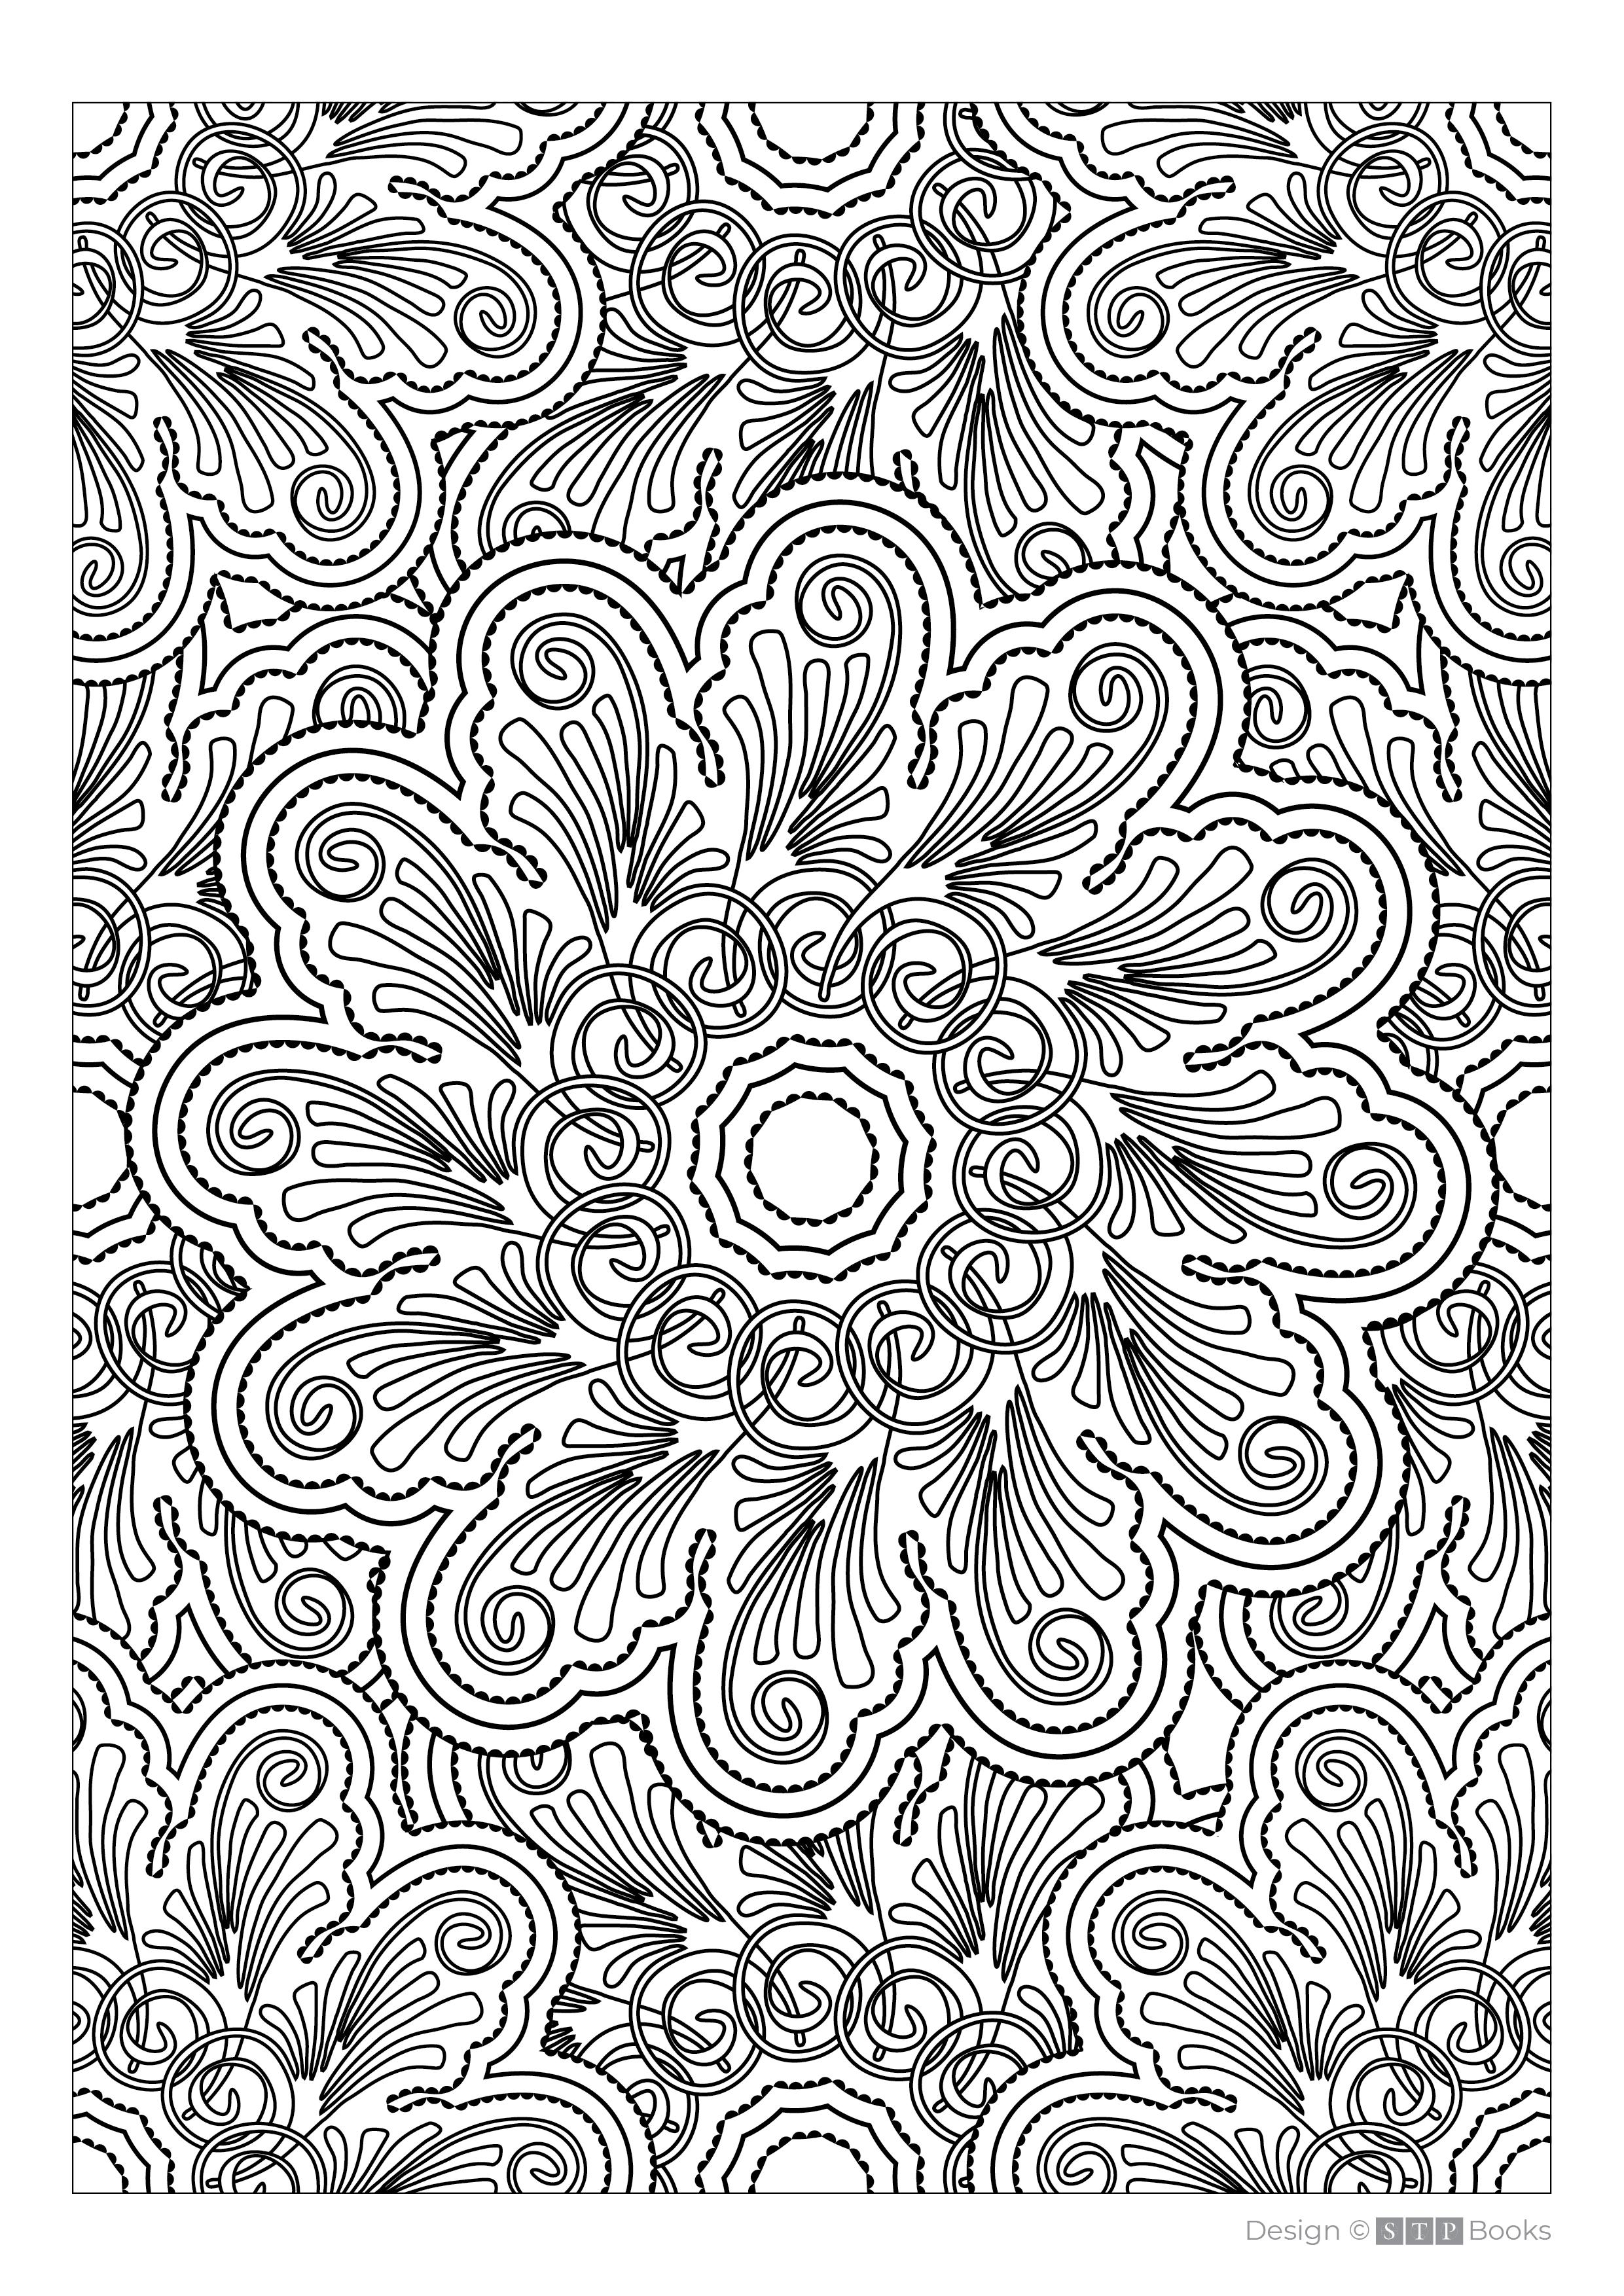 Free Adult Colouring Page Parents Teachers Decorative Design 002 STP Books.png